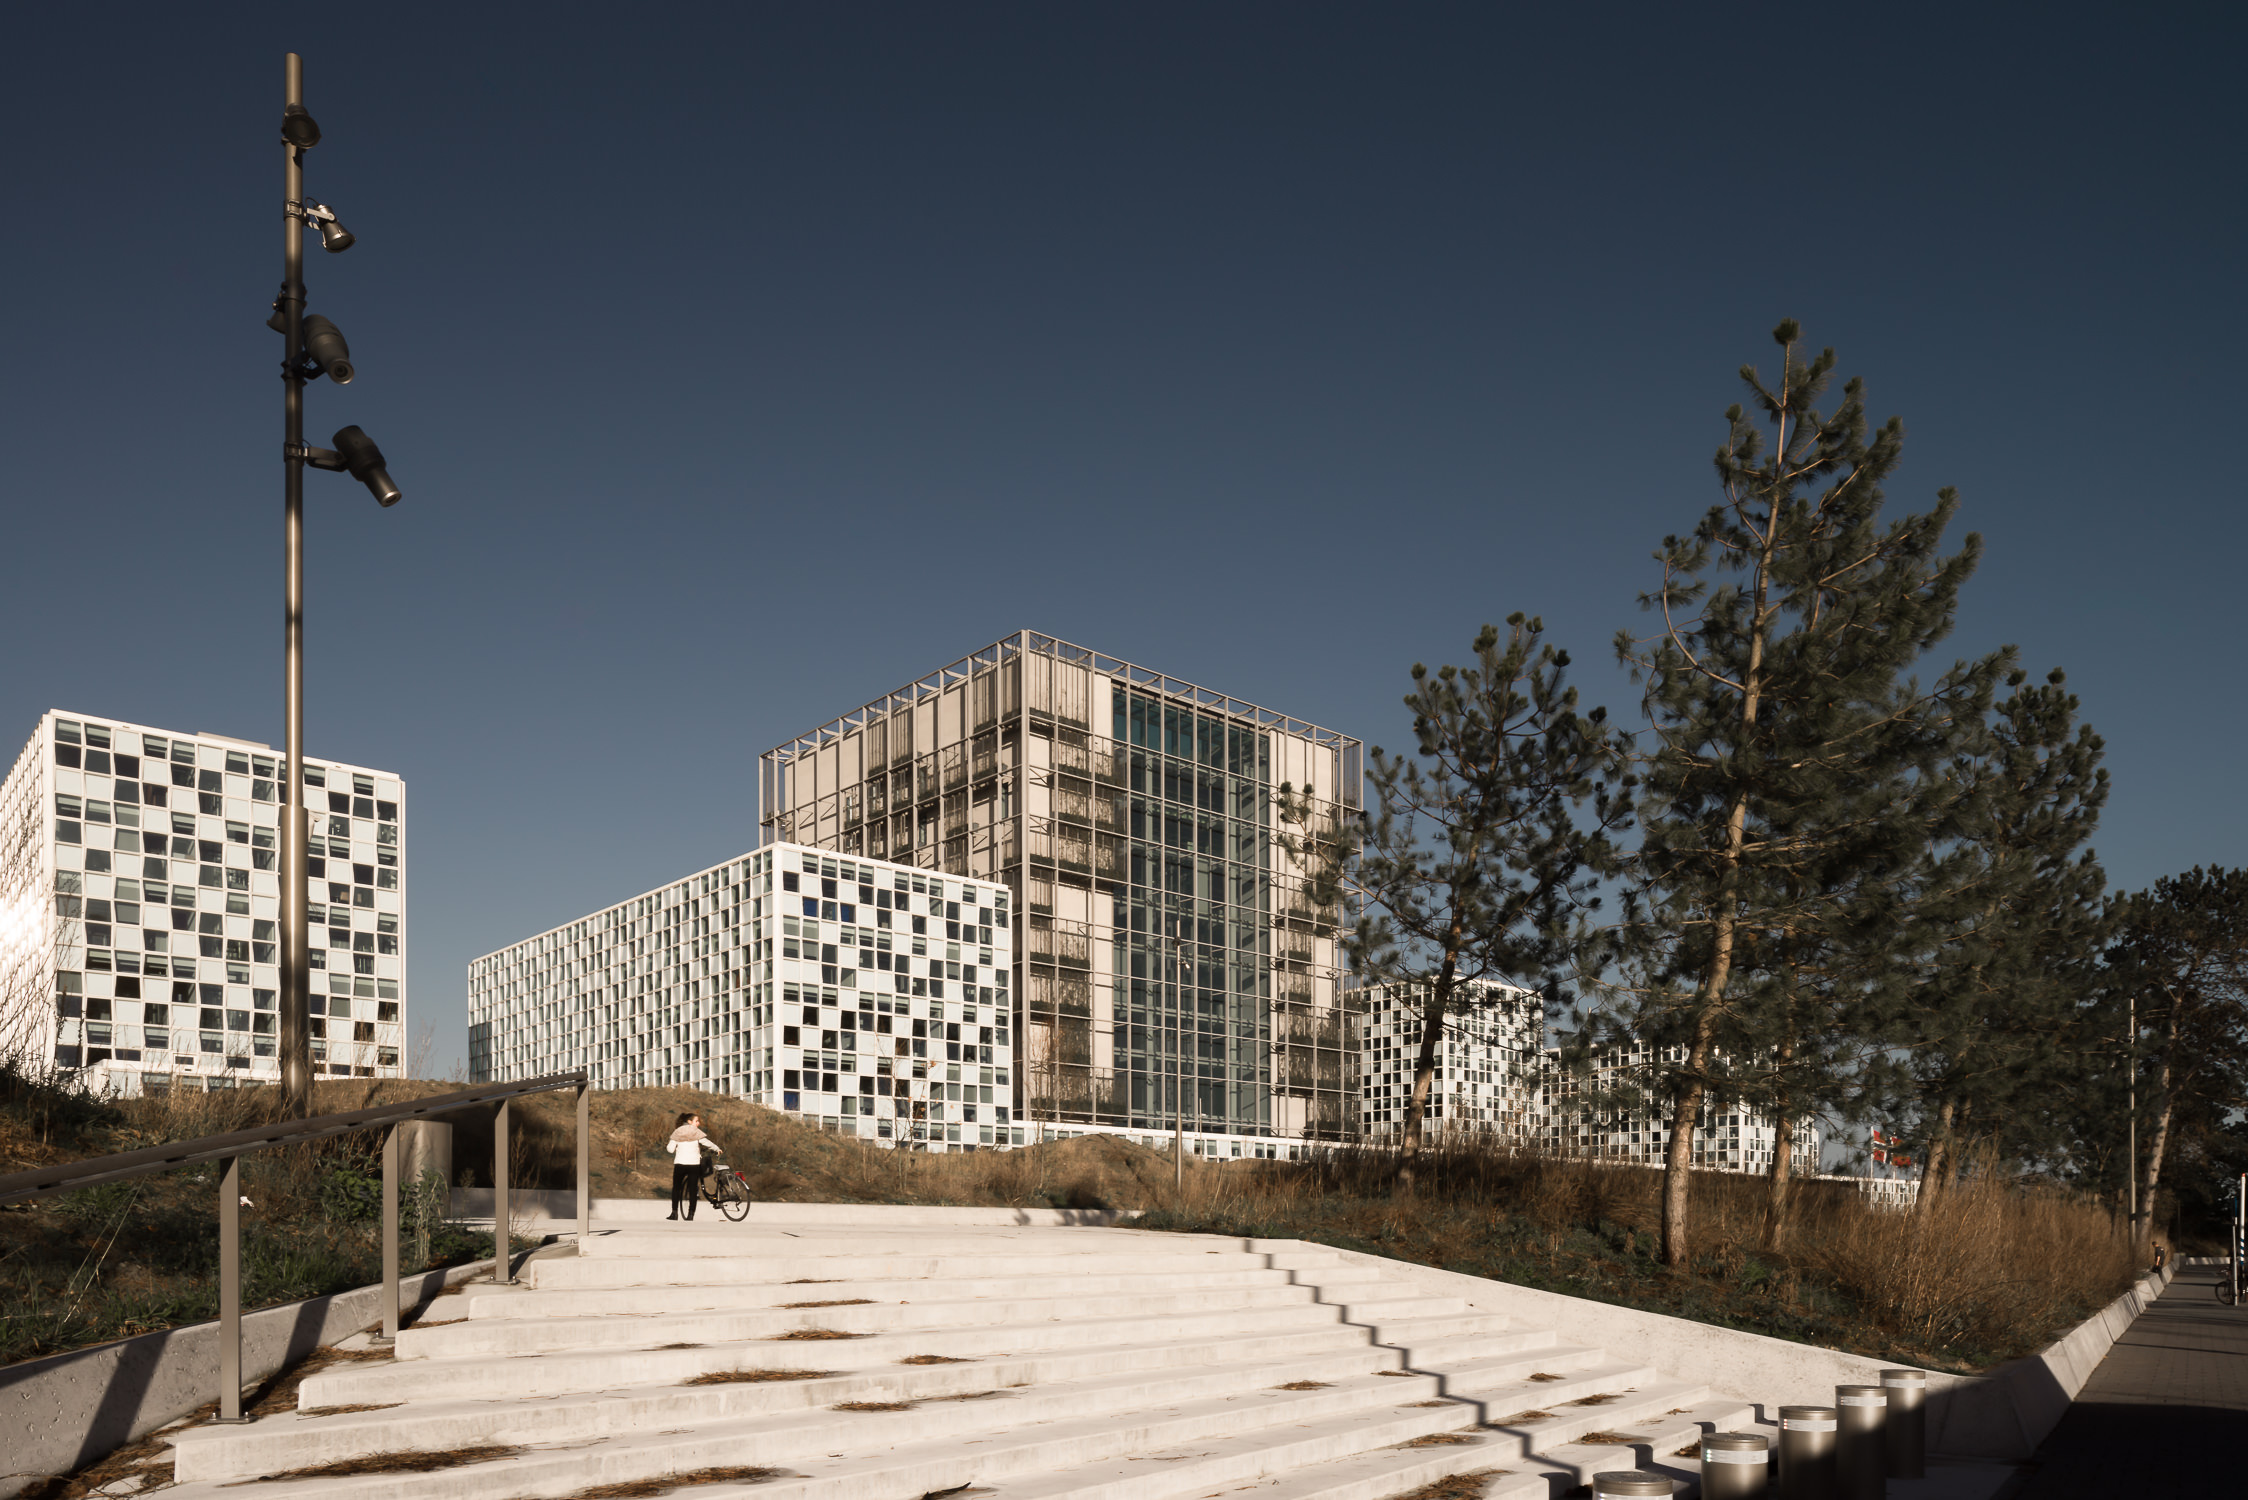 mark-hadden-architecture-photographer-architectuur-interieur-fotografie-london-amsterdam-ICC-Den-Haag-237-Edit.jpg